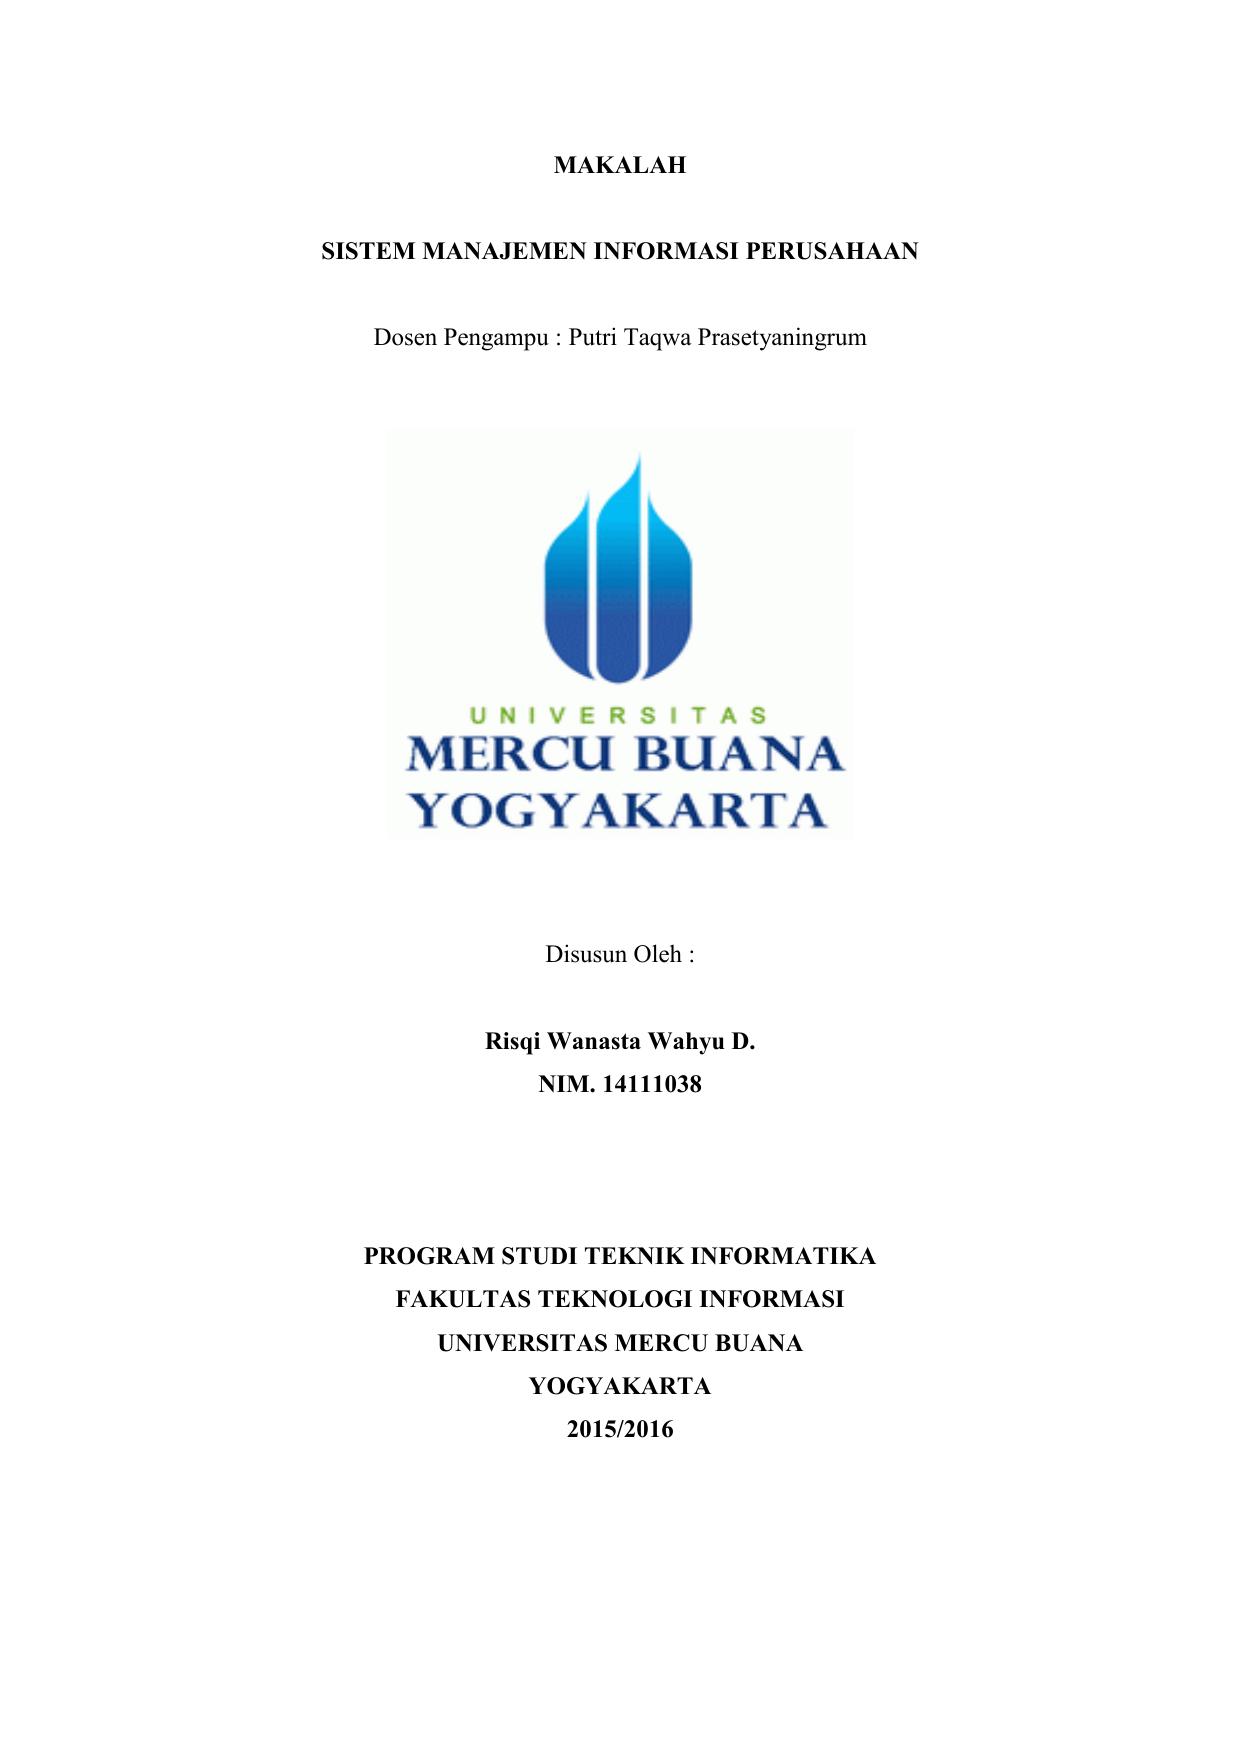 Makalah Sistem Manajemen Informasi Perusahaan